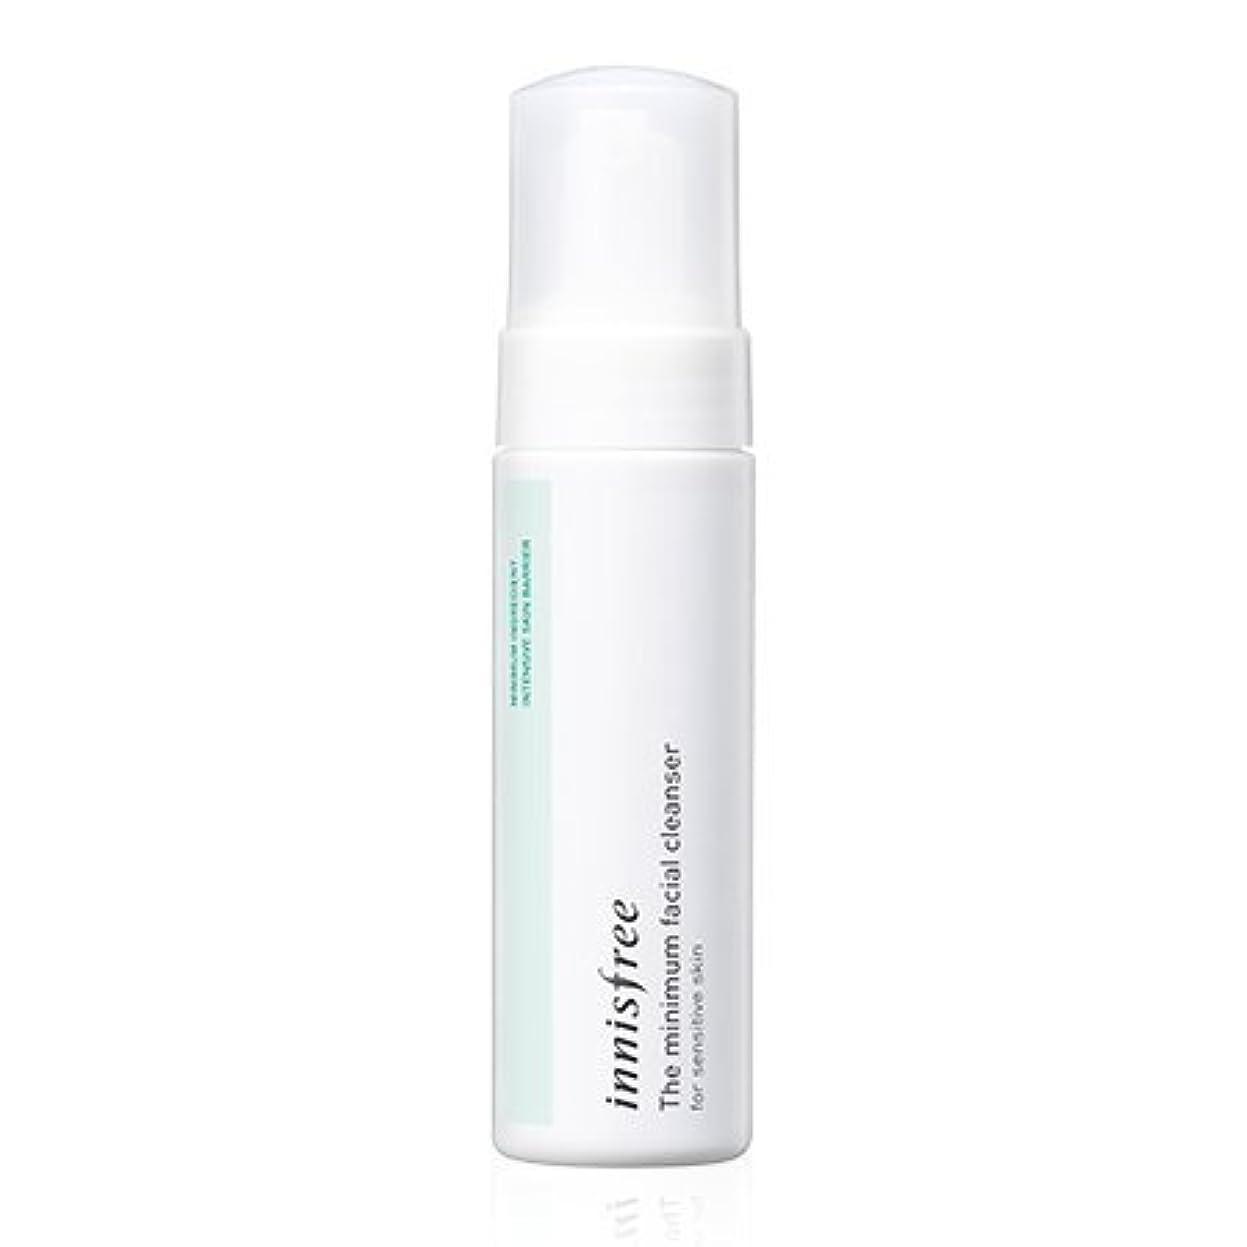 消費するランプ脱走[innisfree(イニスフリー)] The minimum facial cleanser 70ml ザ·ミニマムフェーシャル?クレンザー [並行輸入品][海外直送品]